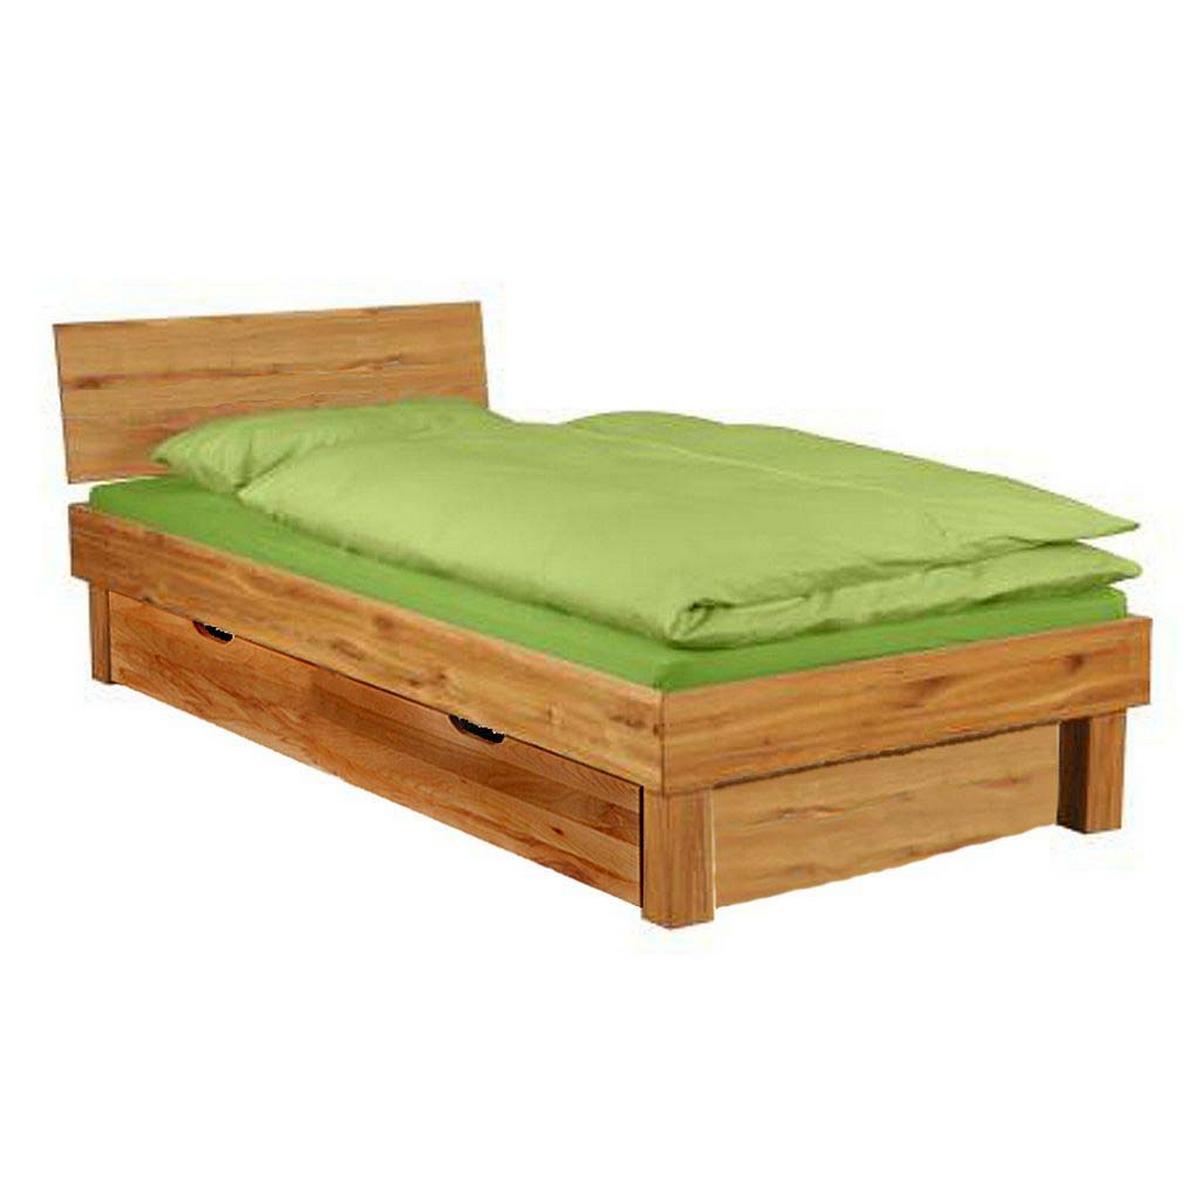 einzelbett mit schubladen neuesten design kollektionen f r die familien. Black Bedroom Furniture Sets. Home Design Ideas